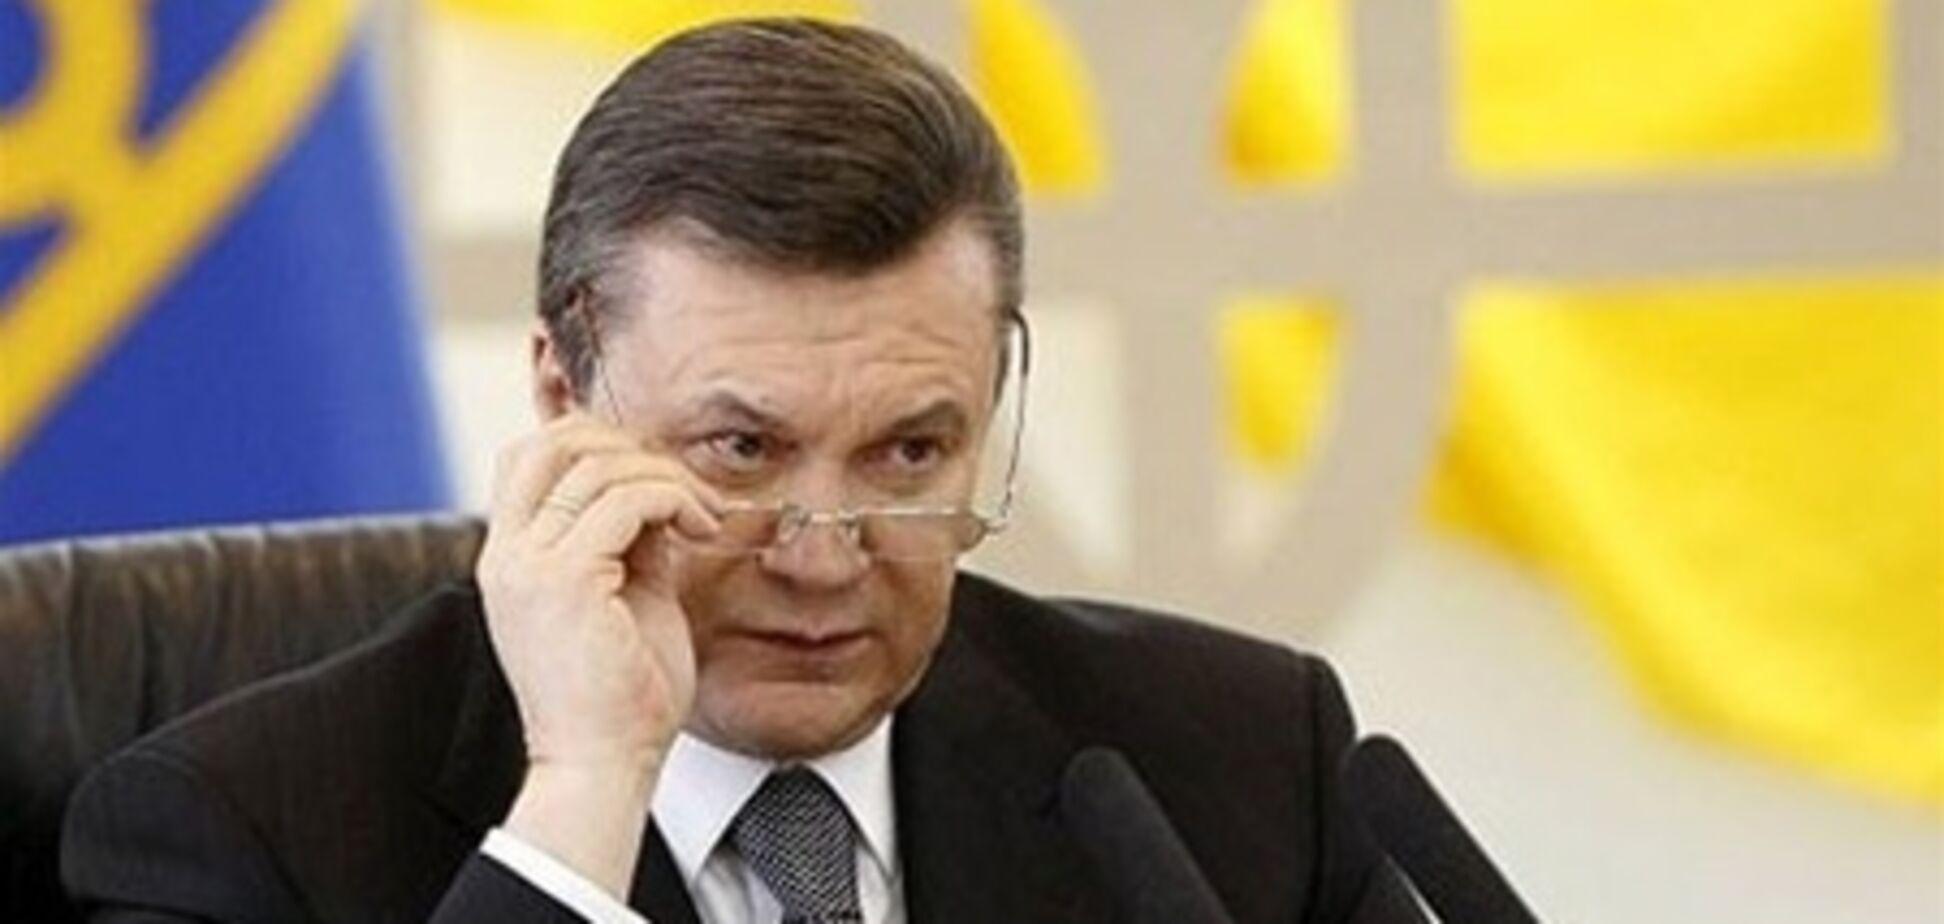 У Януковича просят СМИ не переживать из-за миллионных исков